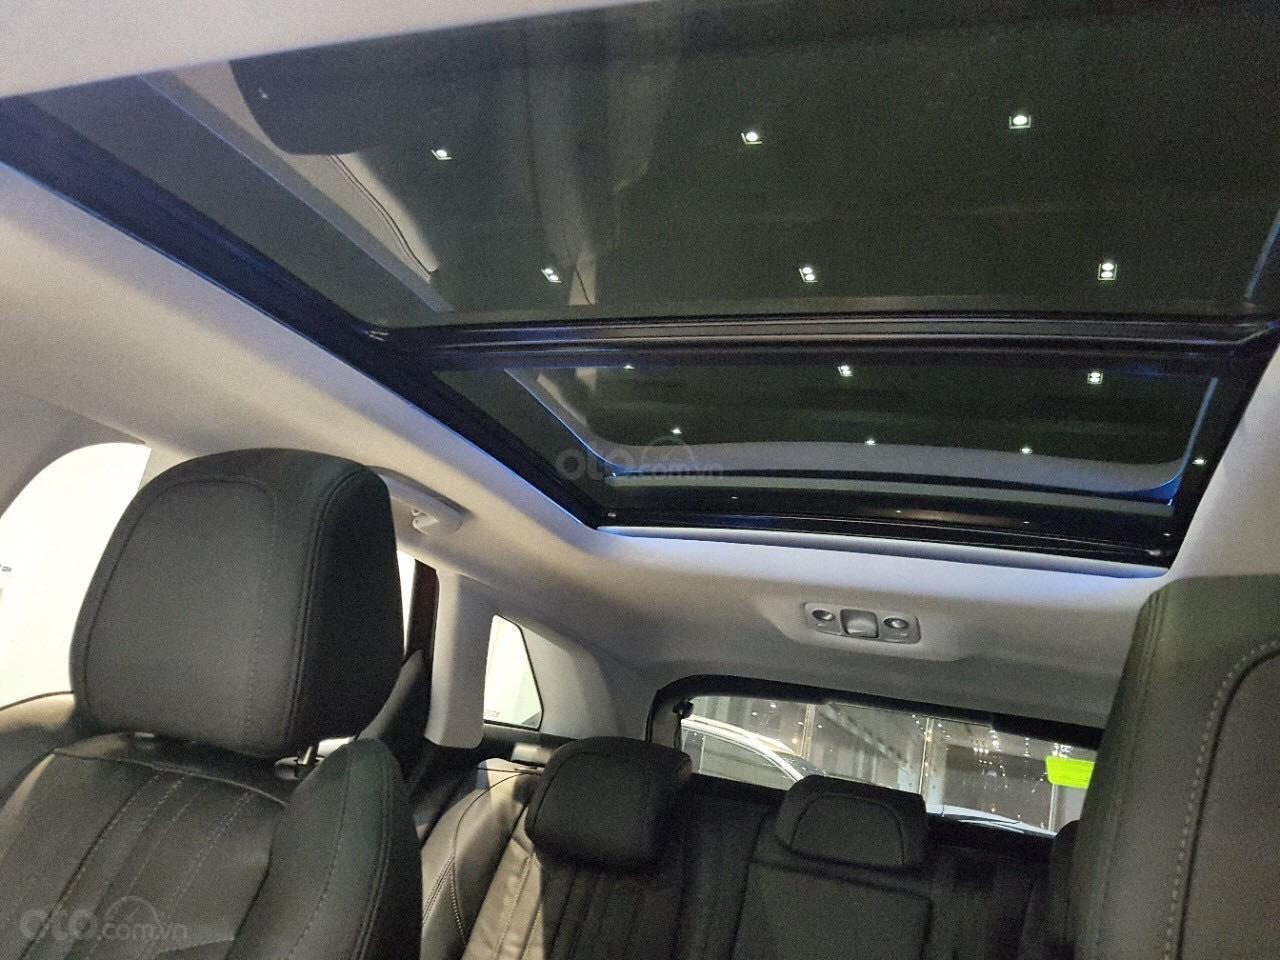 Bán xe Peugeot 5008 7 chỗ, 2019, ưu đãi khủng, giao ngay, trả trước 360 triệu (3)